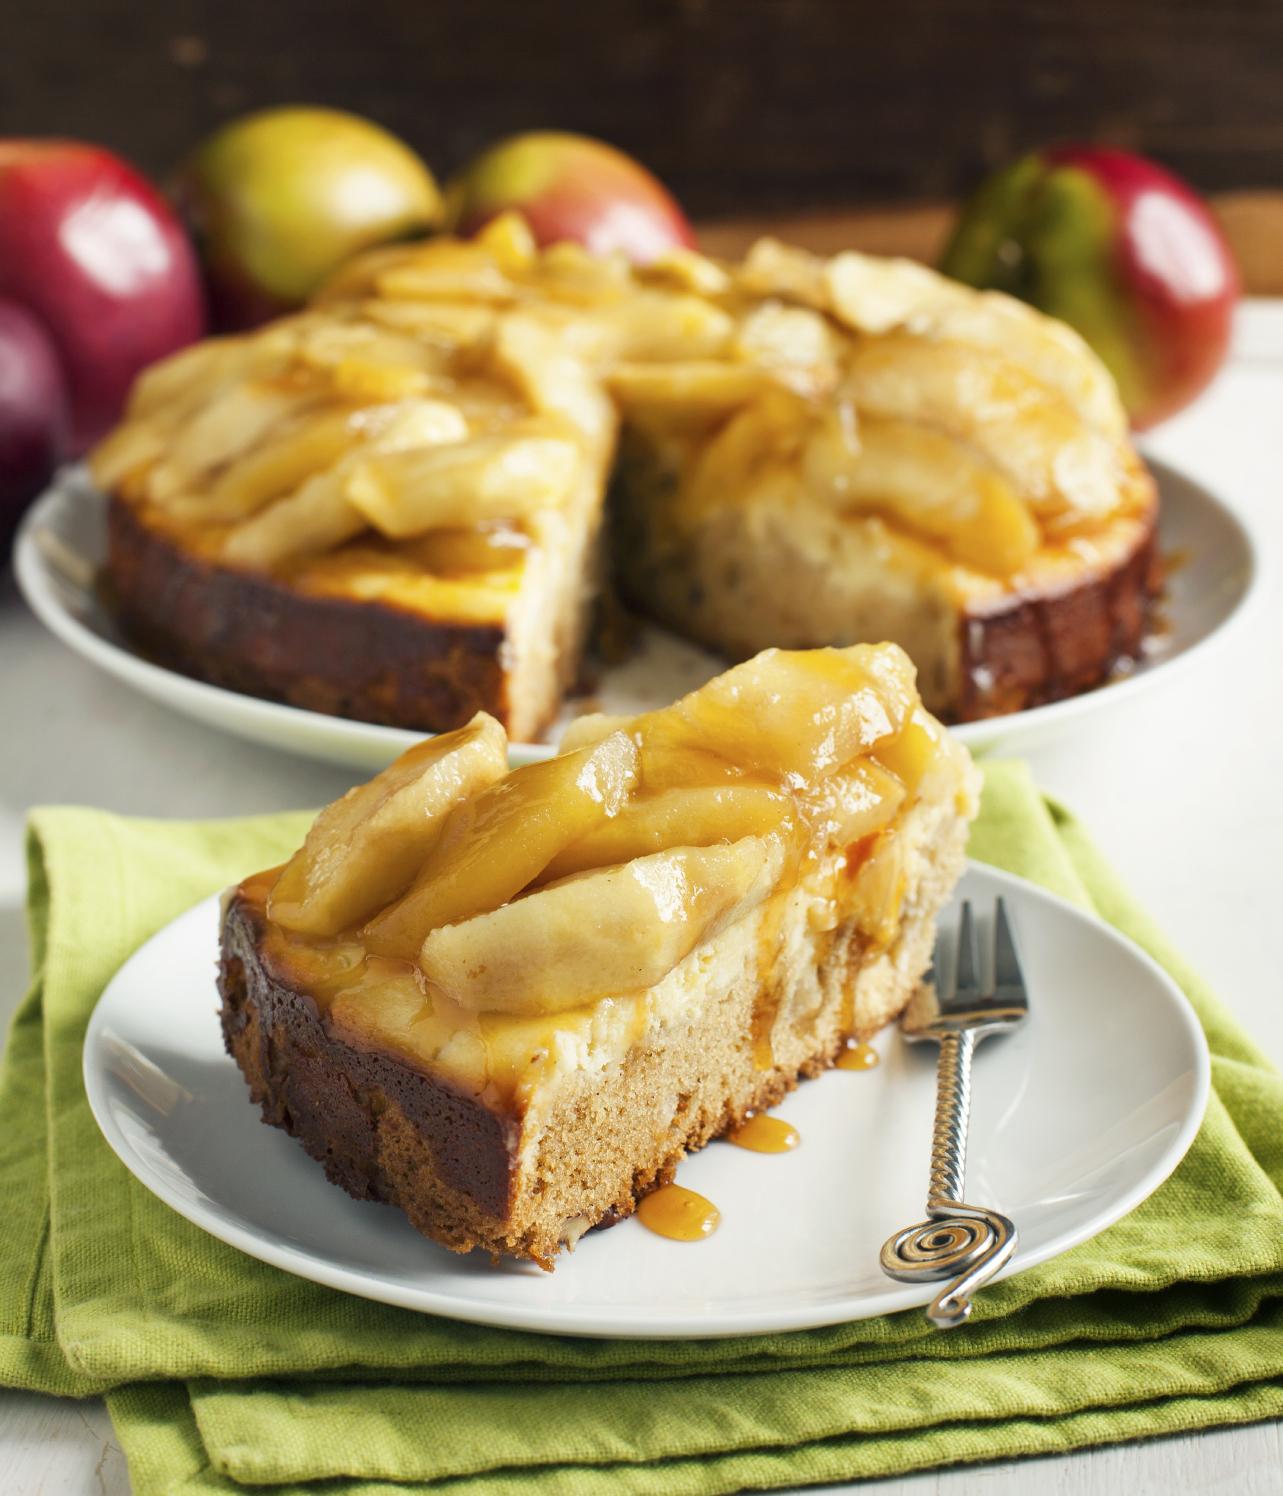 Tarta de pan con requesón y manzanas